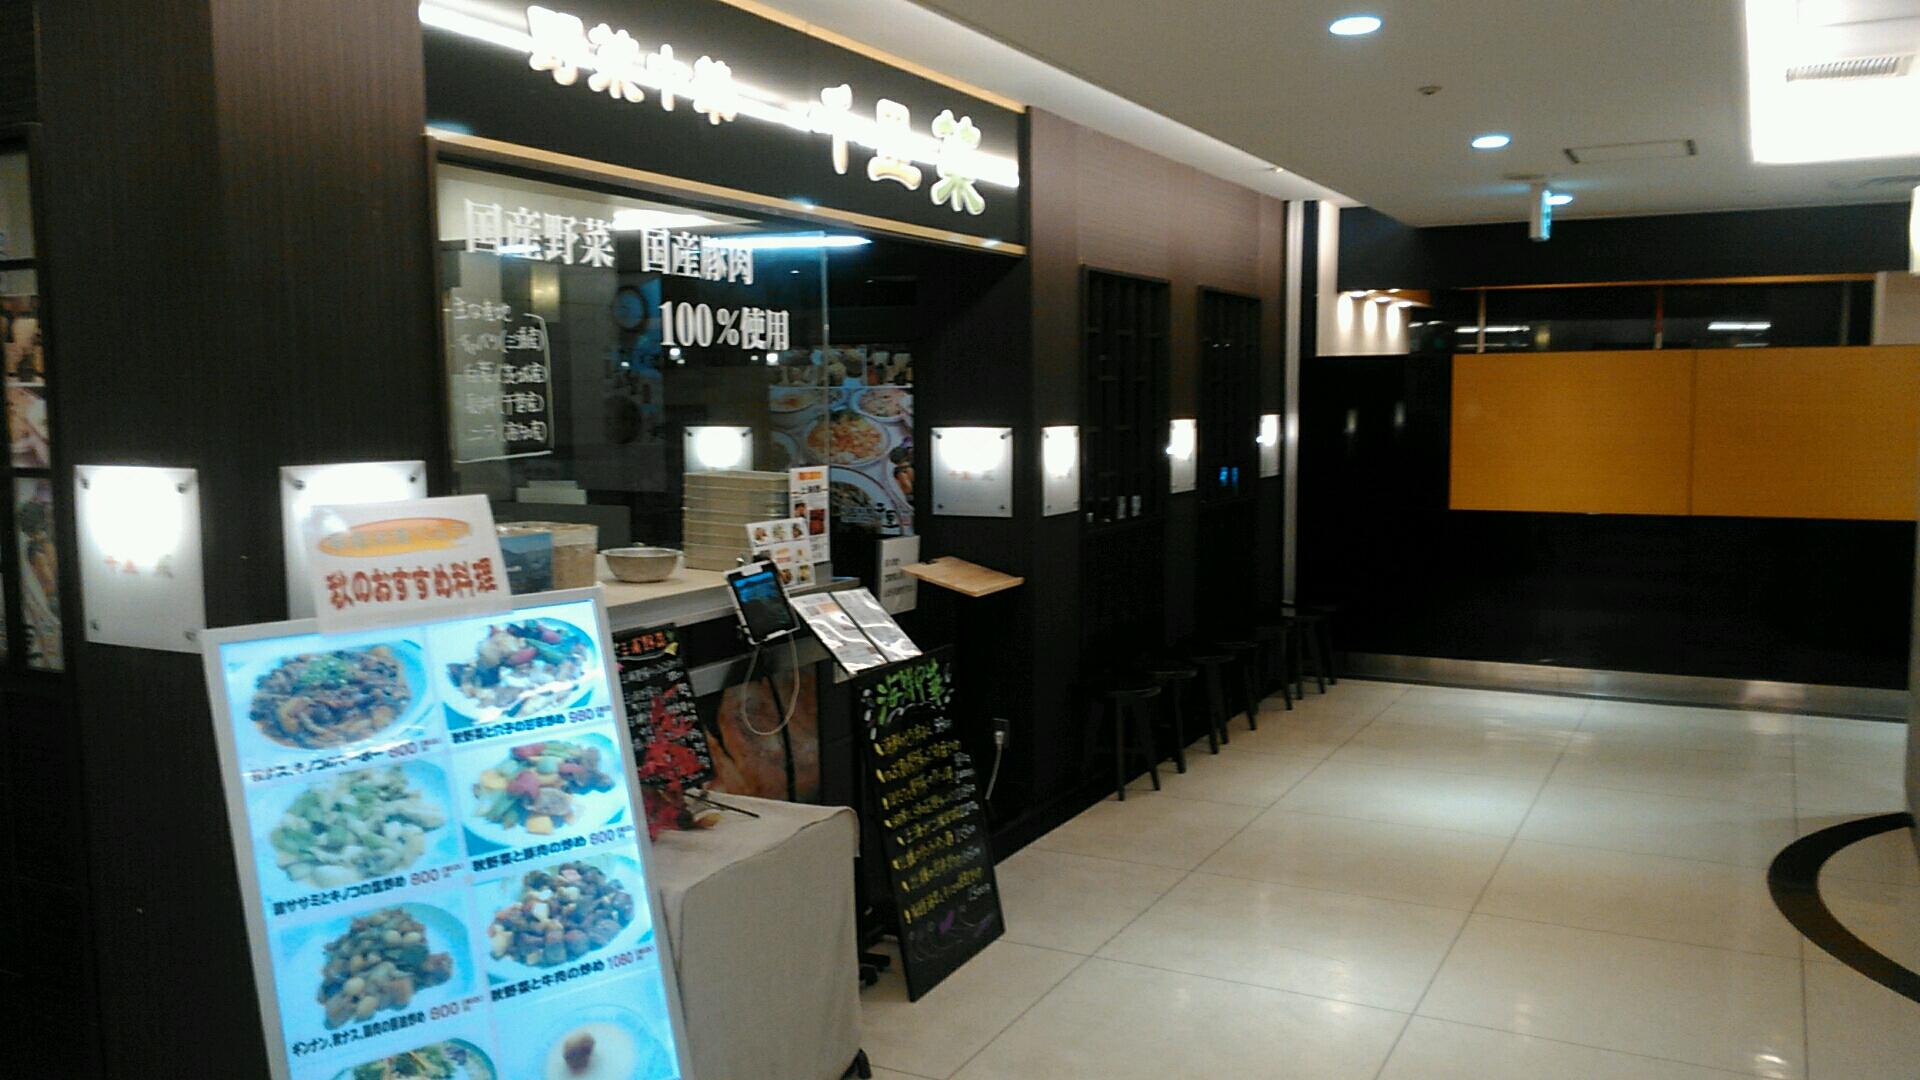 【大船ルミネ 千里】駅ビル内の眺めのよい中華料理